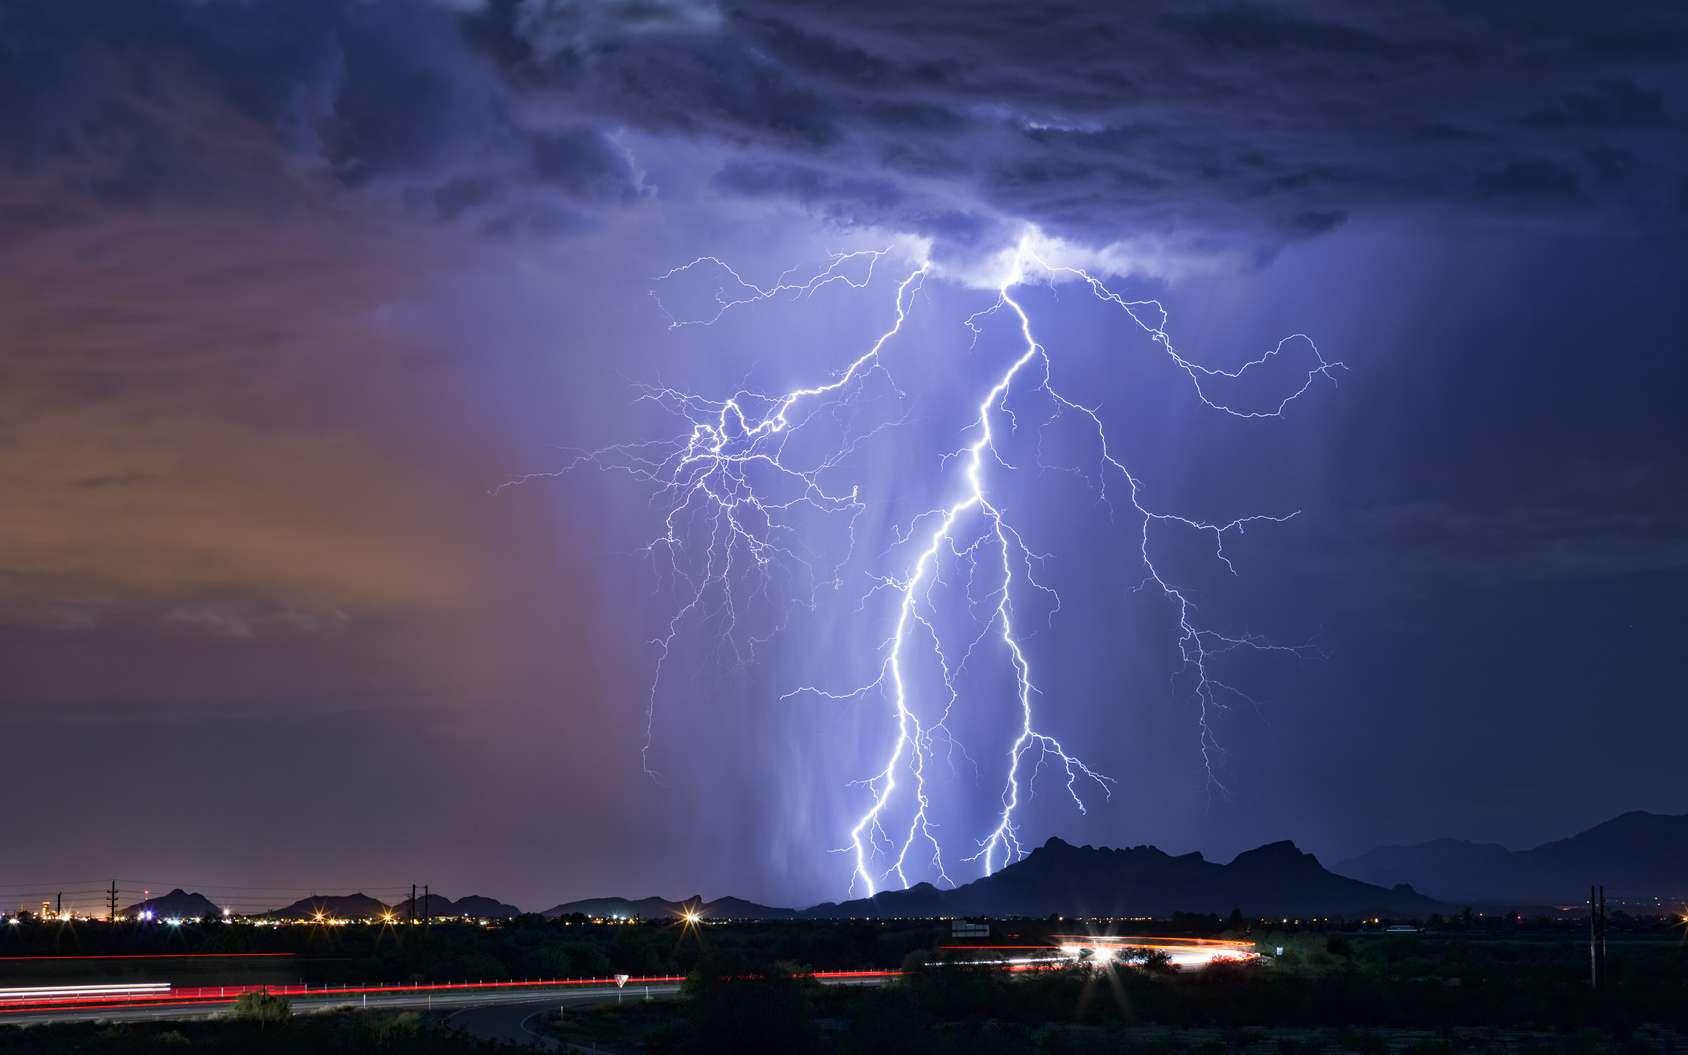 Les éclairs empruntent souvent le même chemin lorsqu'ils se déclenchent. © mdesigner125, Fotolia